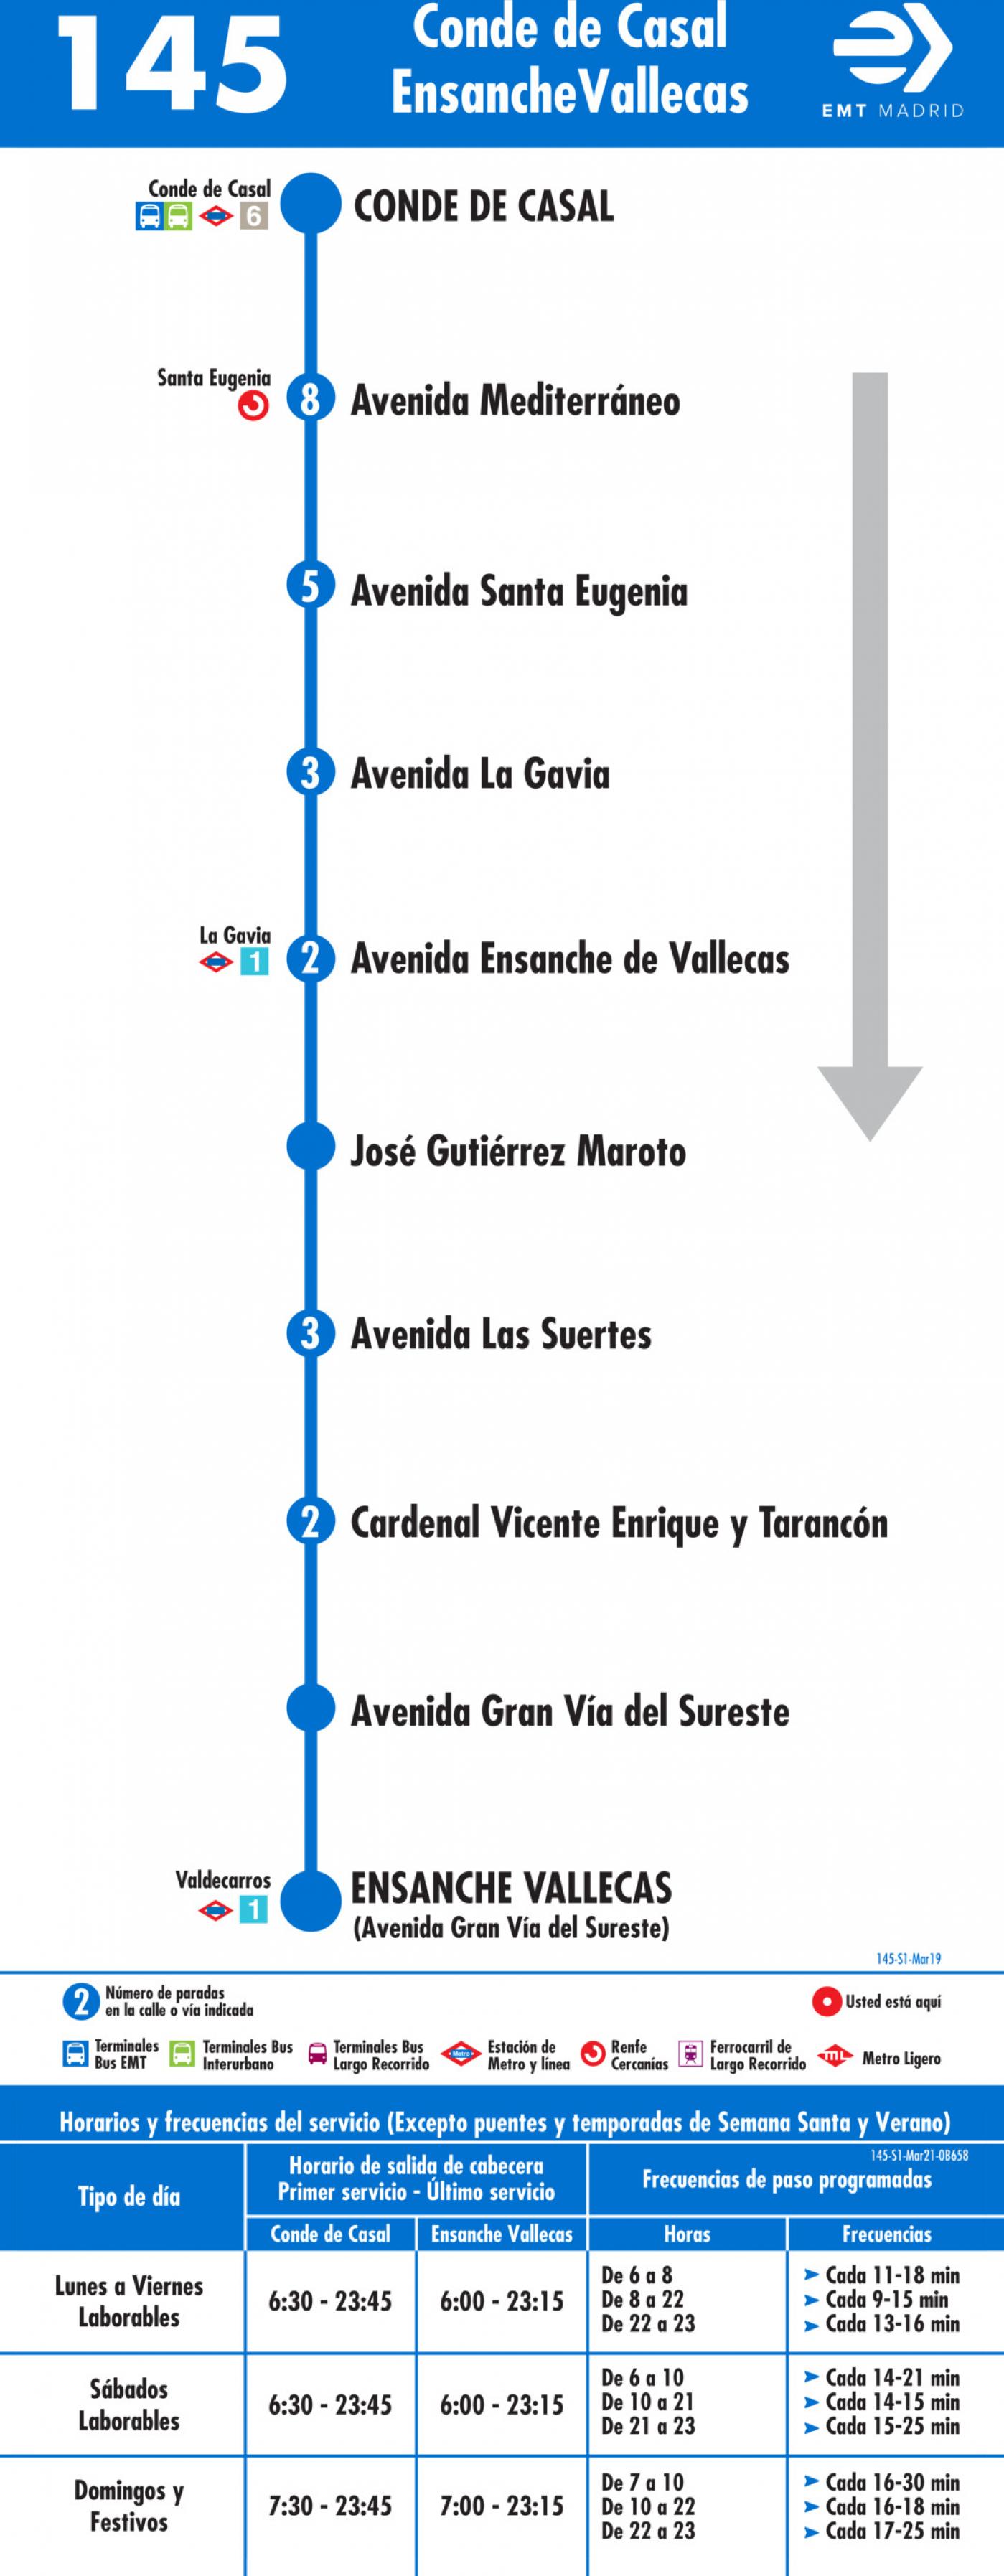 Tabla de horarios y frecuencias de paso en sentido ida Línea 145: Plaza del Conde de Casal - Ensanche de Vallecas